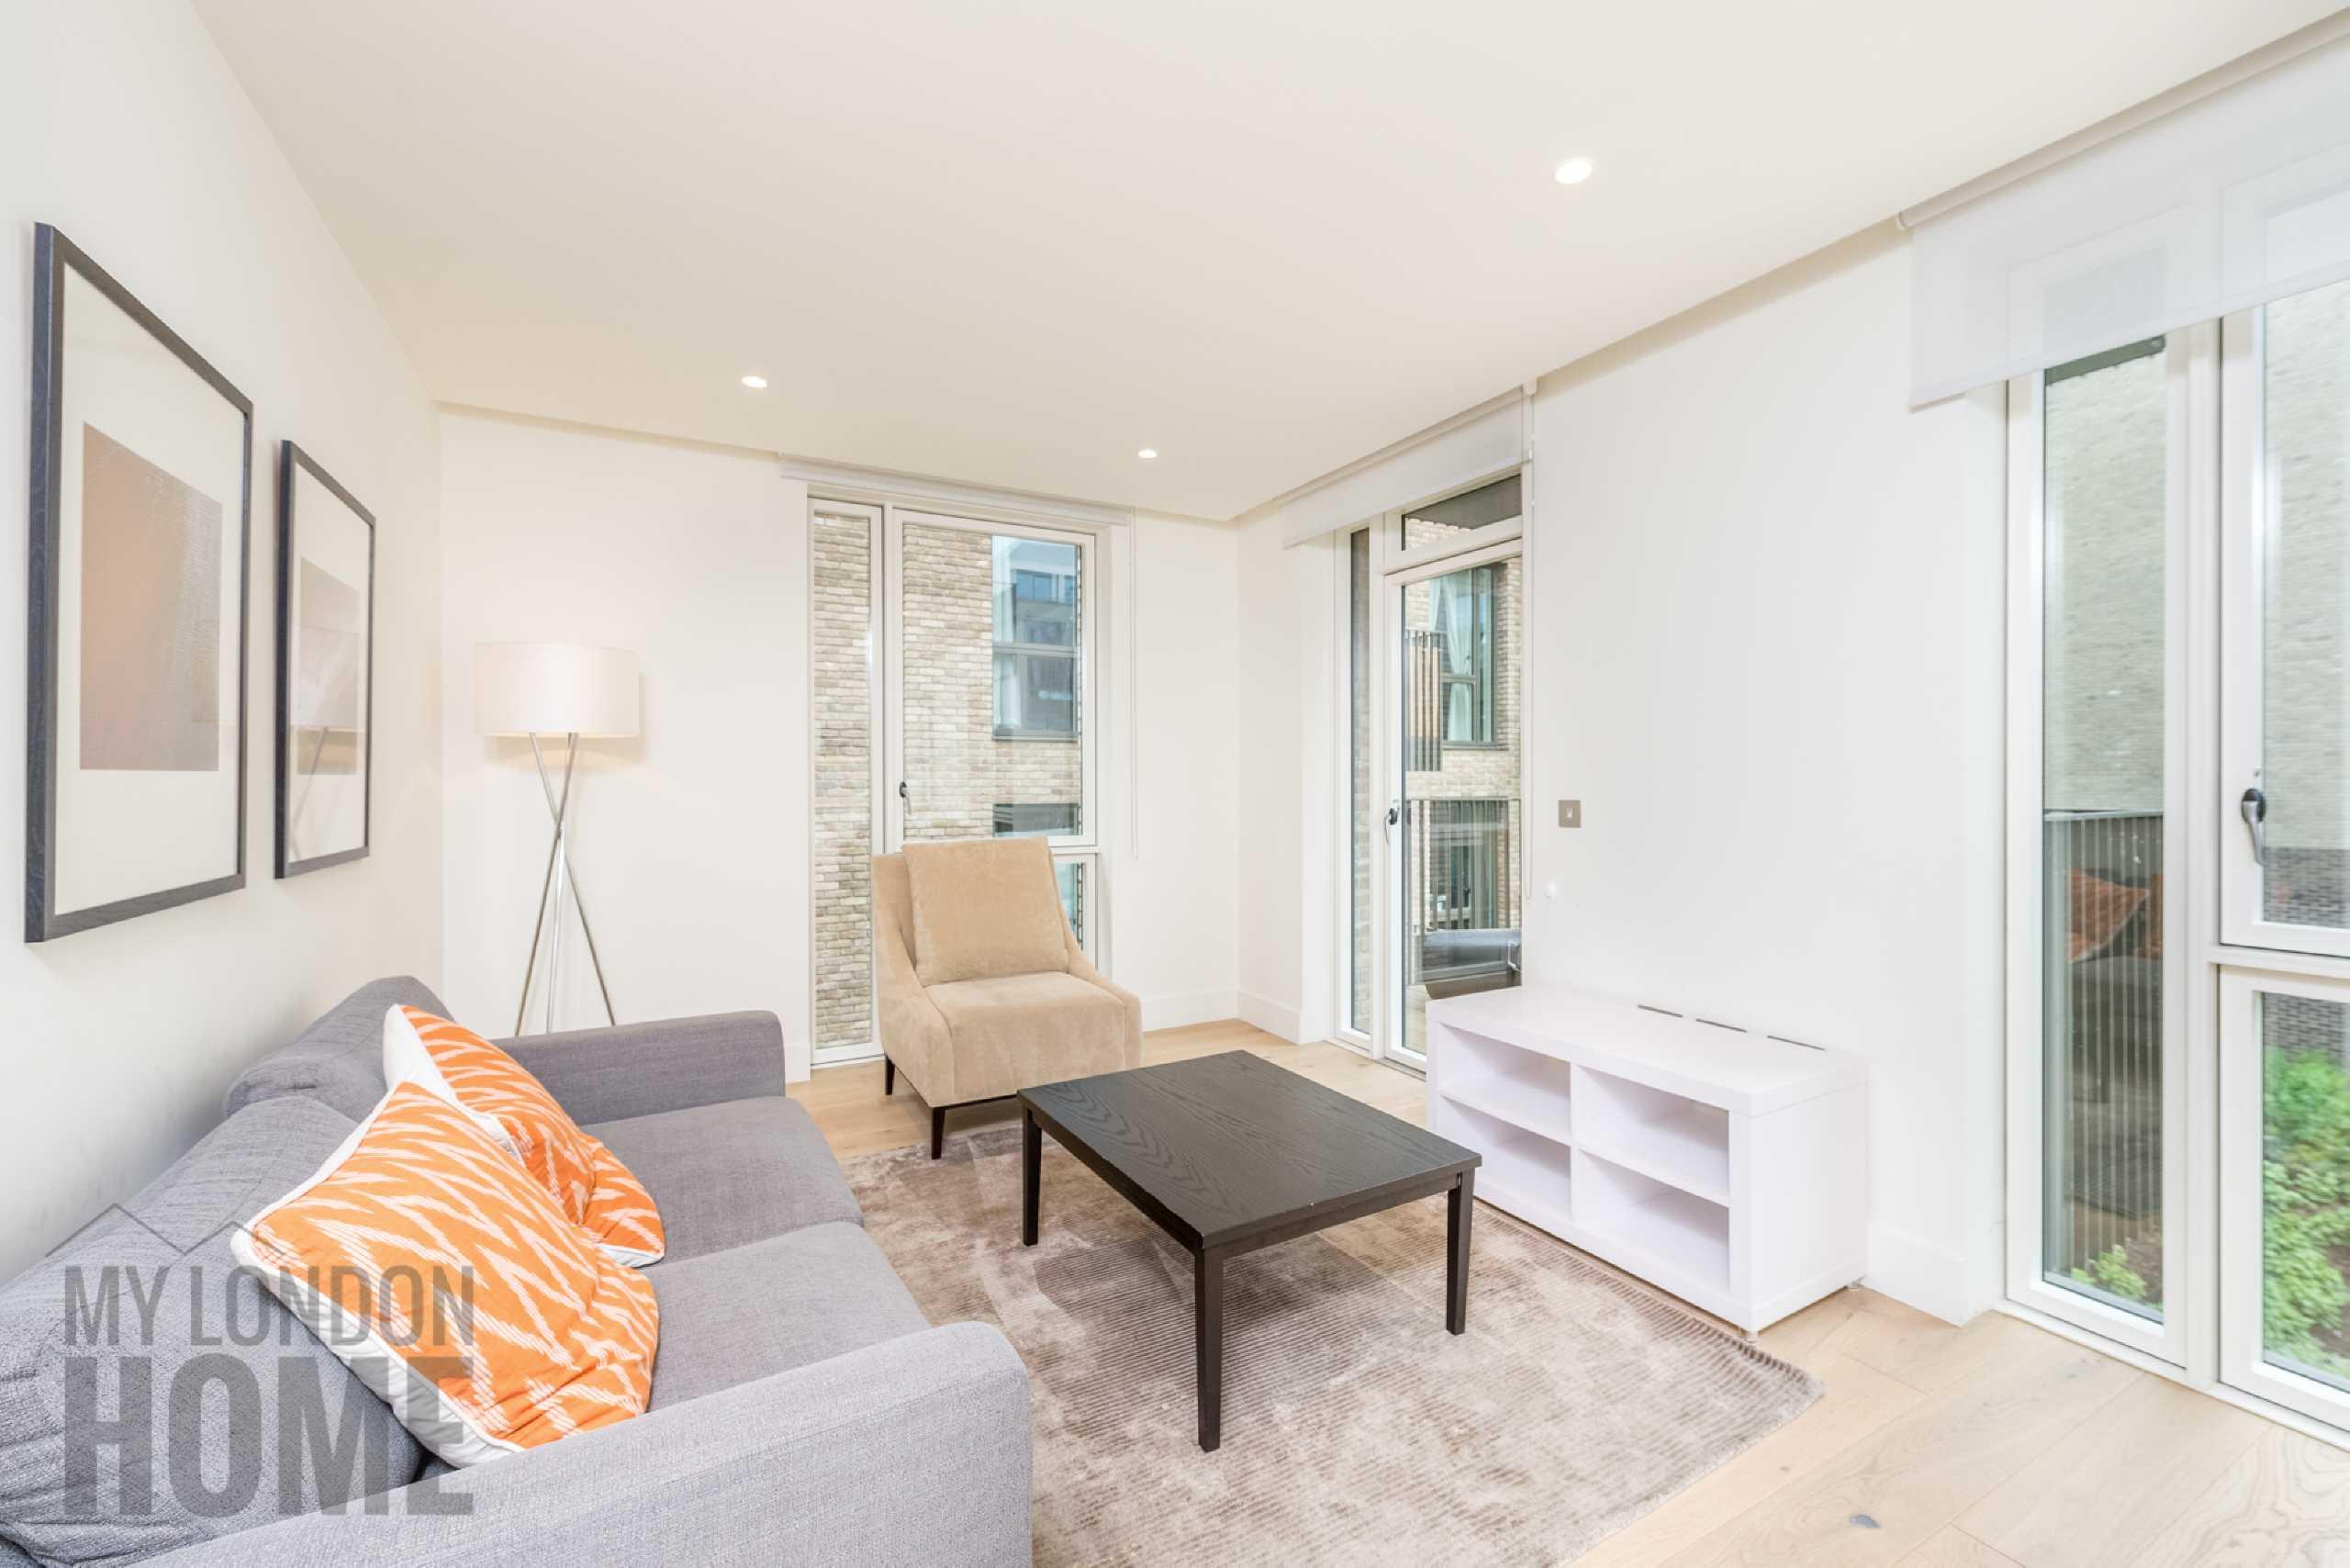 2 Bedrooms Apartment Flat for sale in Atrium Apartments, The Ladbroke Grove, Ladbroke Grove, London, W10